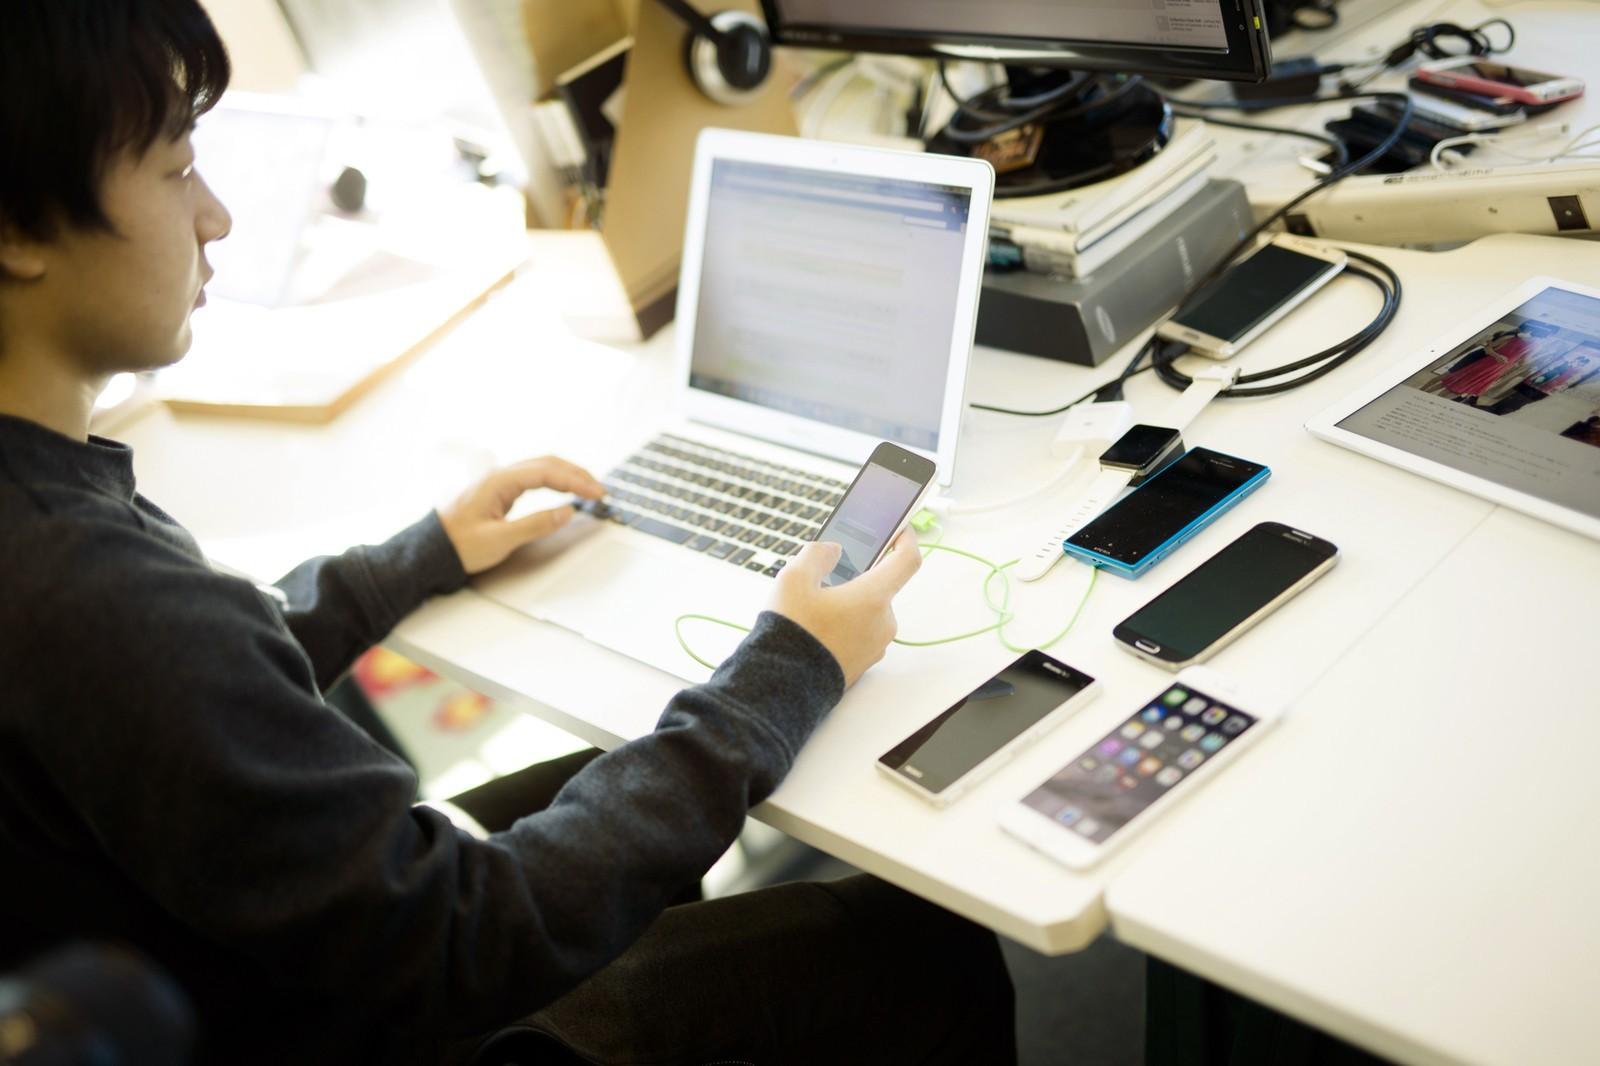 日々新しい技術を追い求める、iOSアプリエンジニア募集中!